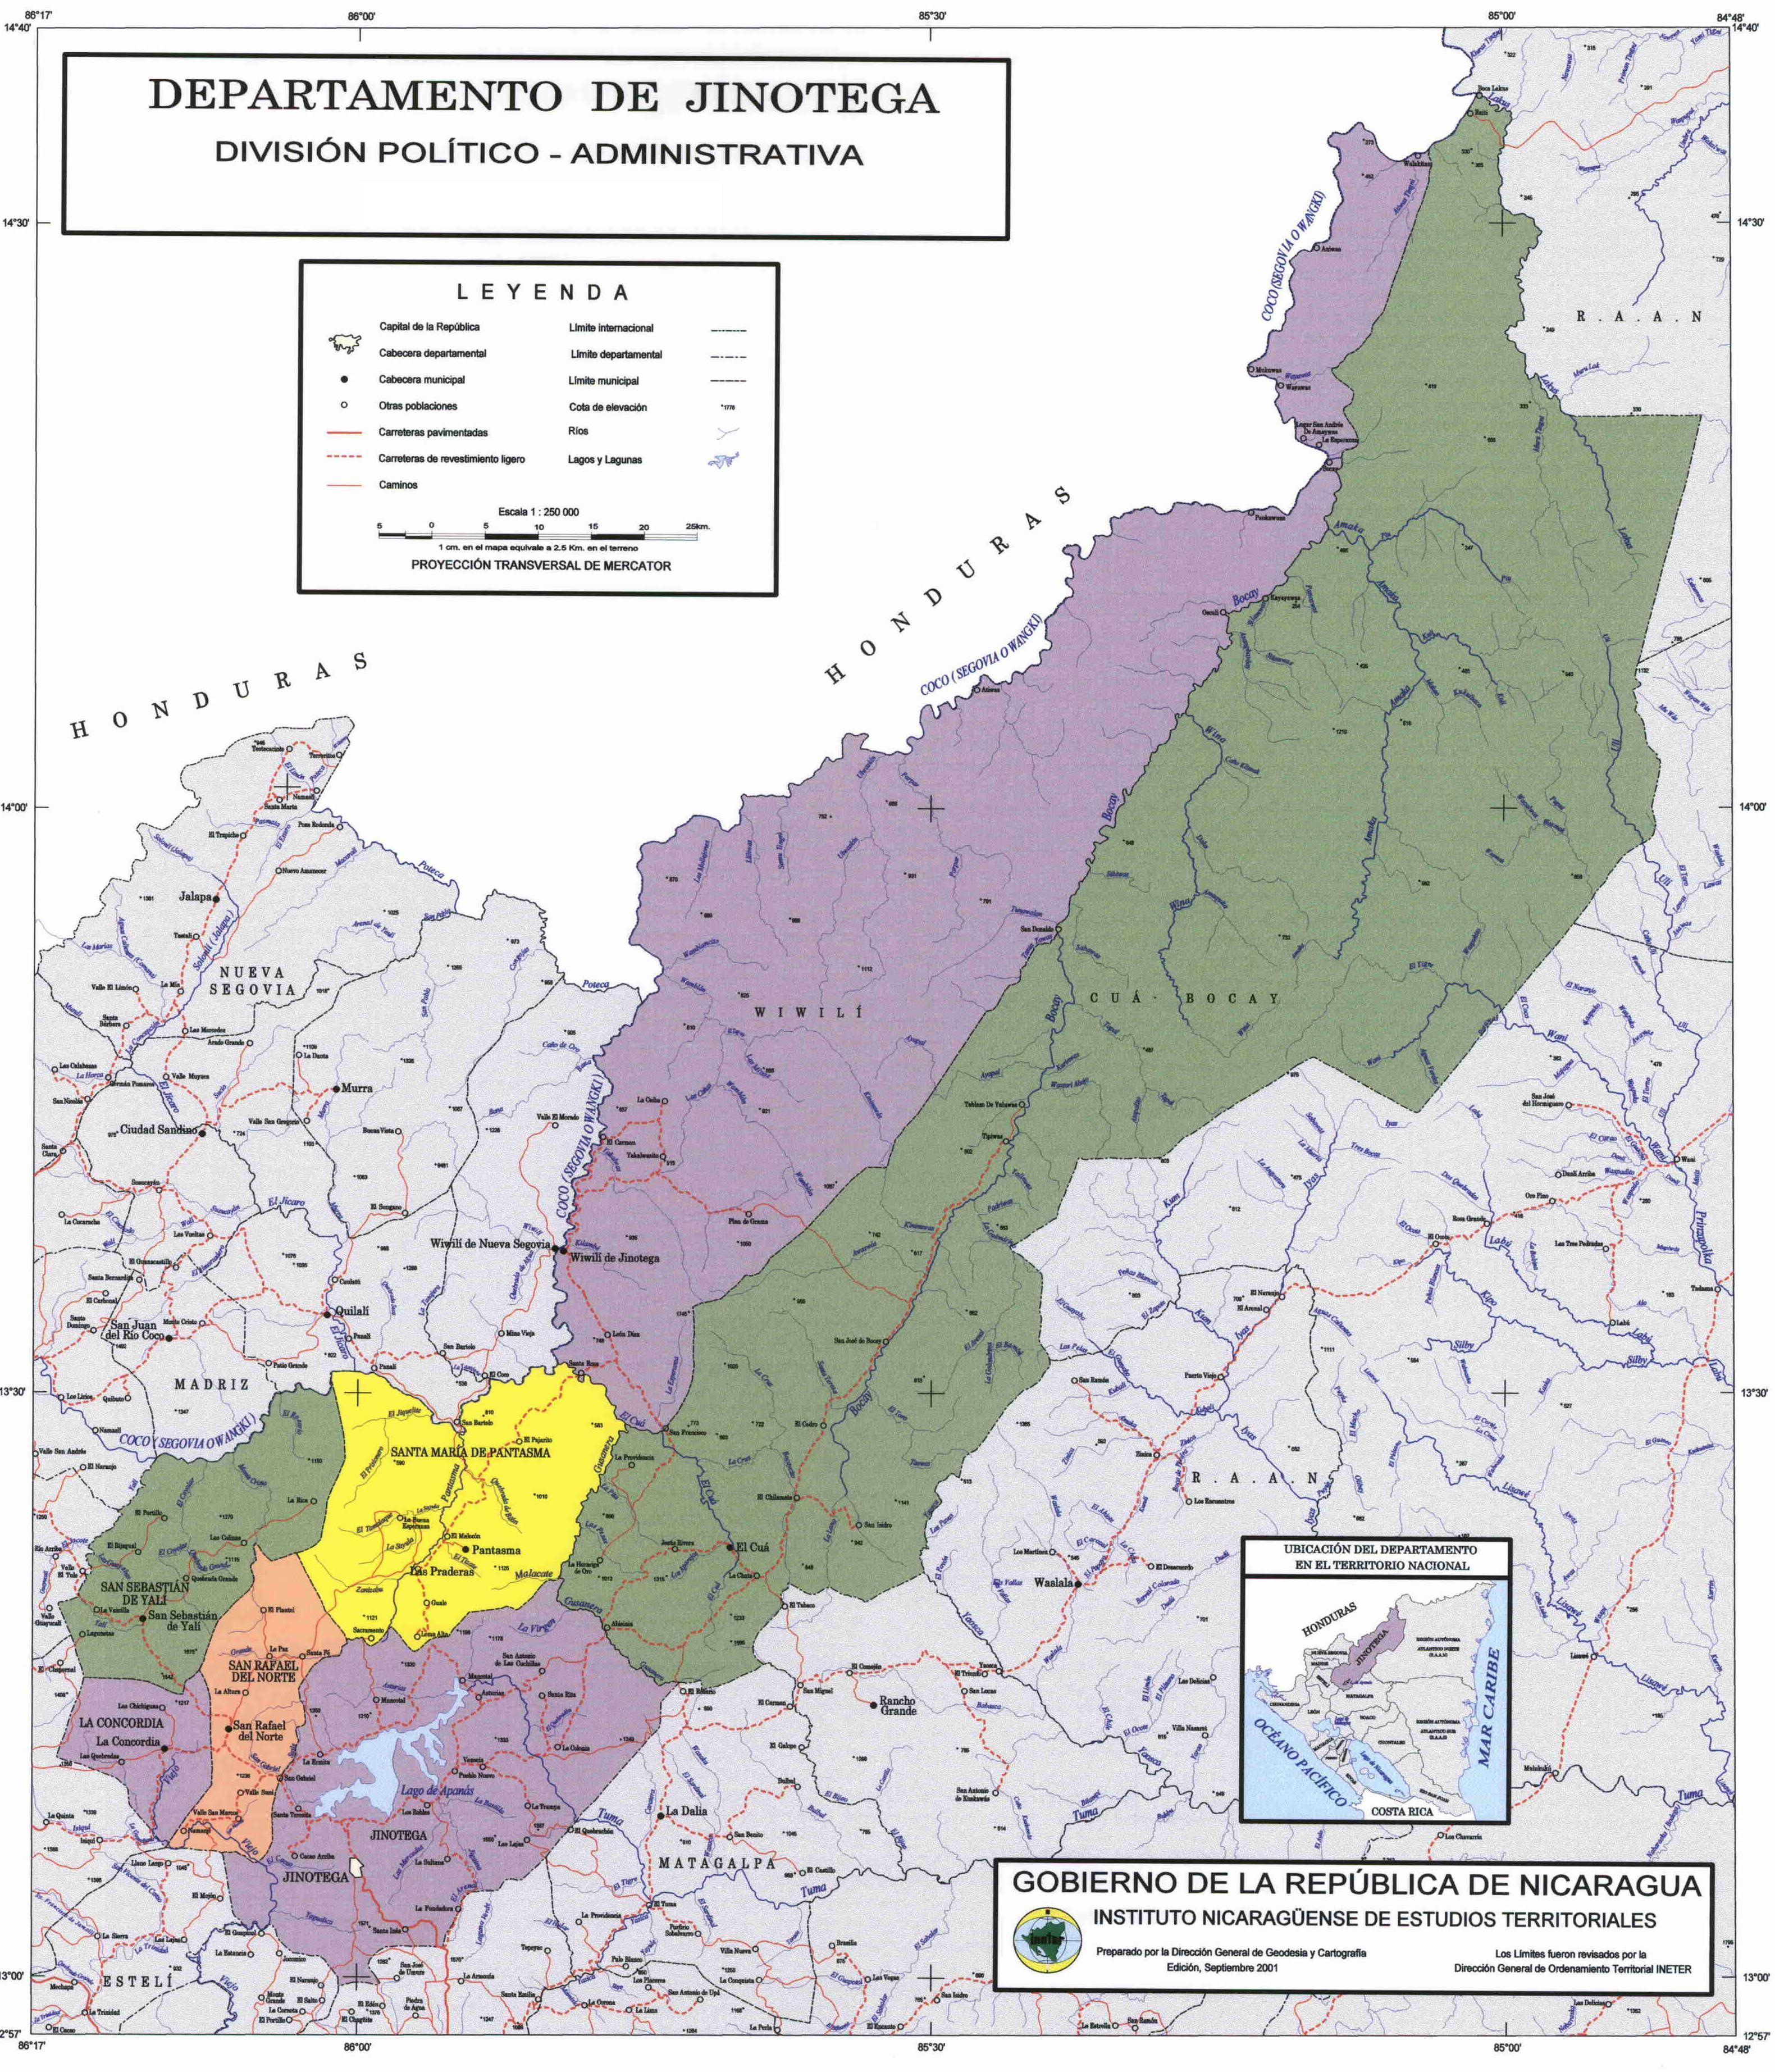 Mapa de Jinotega, División Político-Administrativa del Departamento, Nicaragua